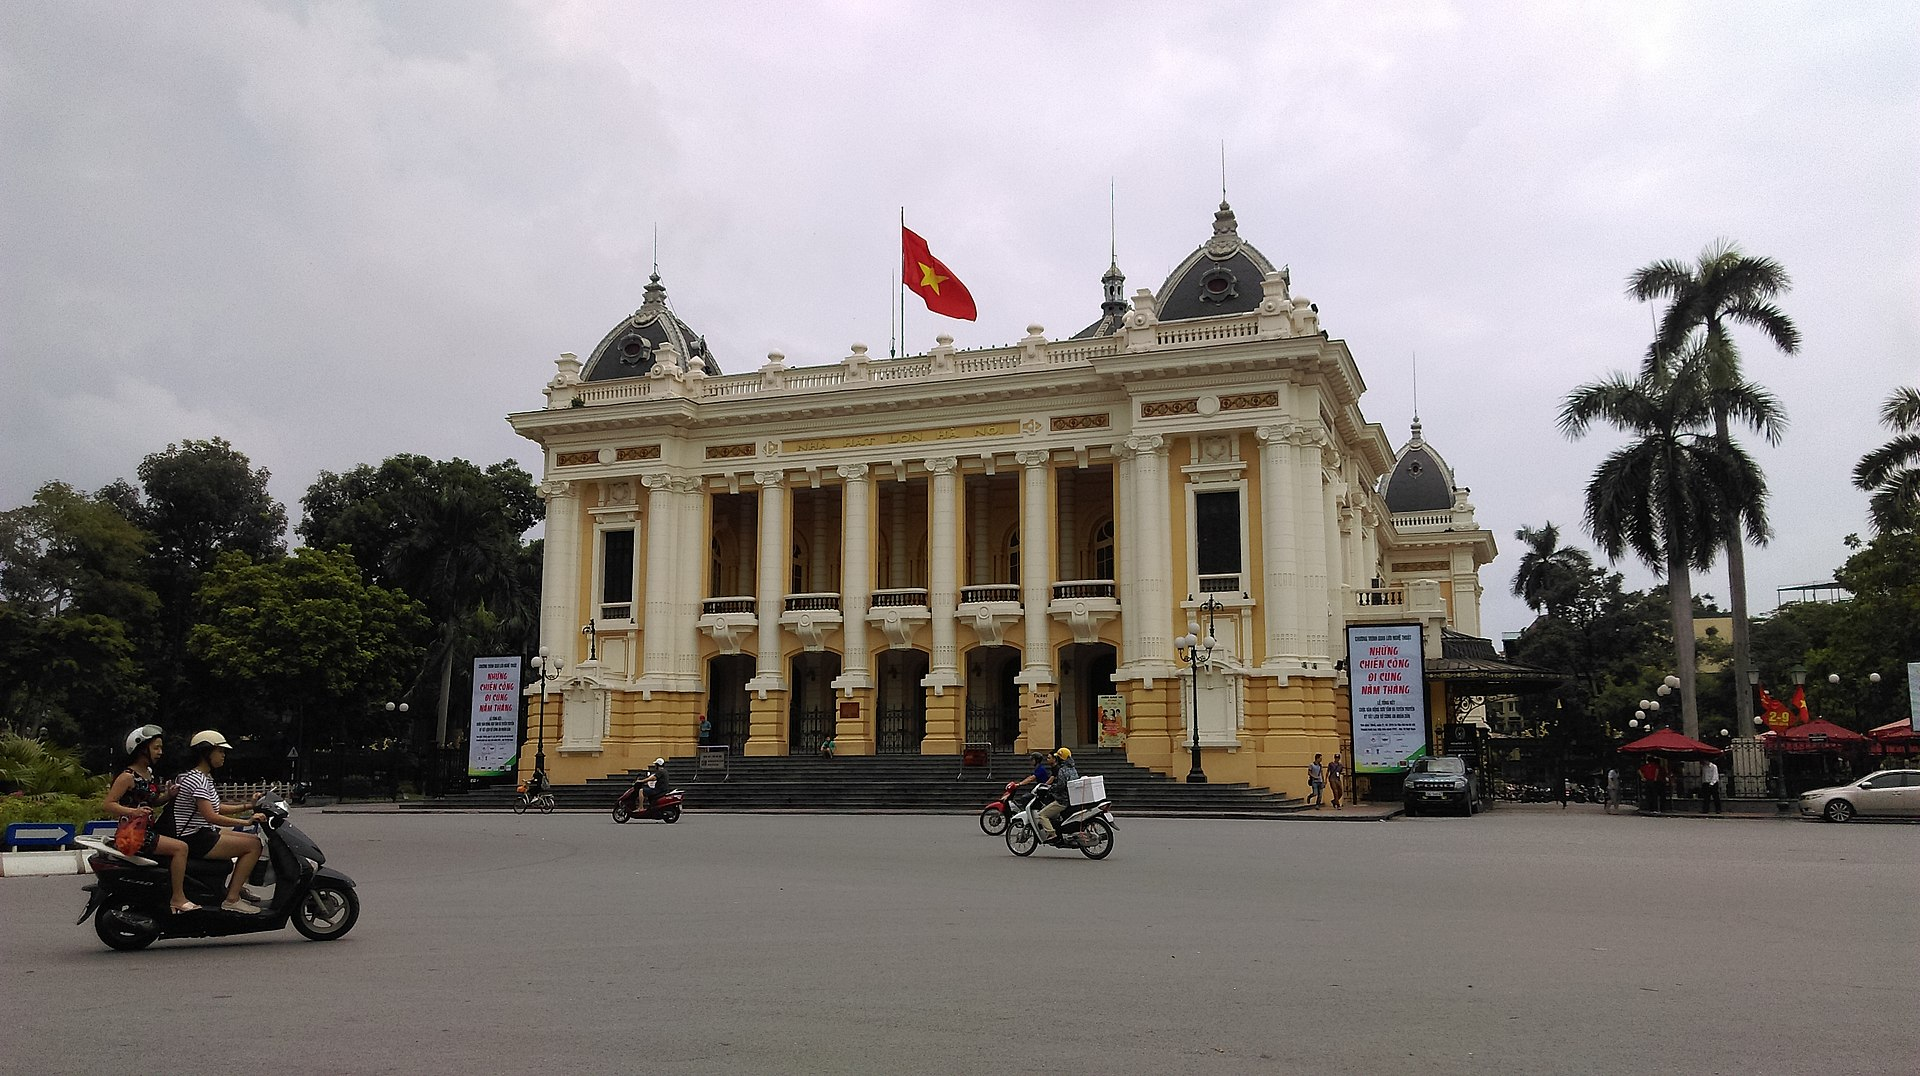 Nhà hát lớn Hoàn Kiếm - Hà Nội. Ảnh: Wikipedia Tiếng Việt